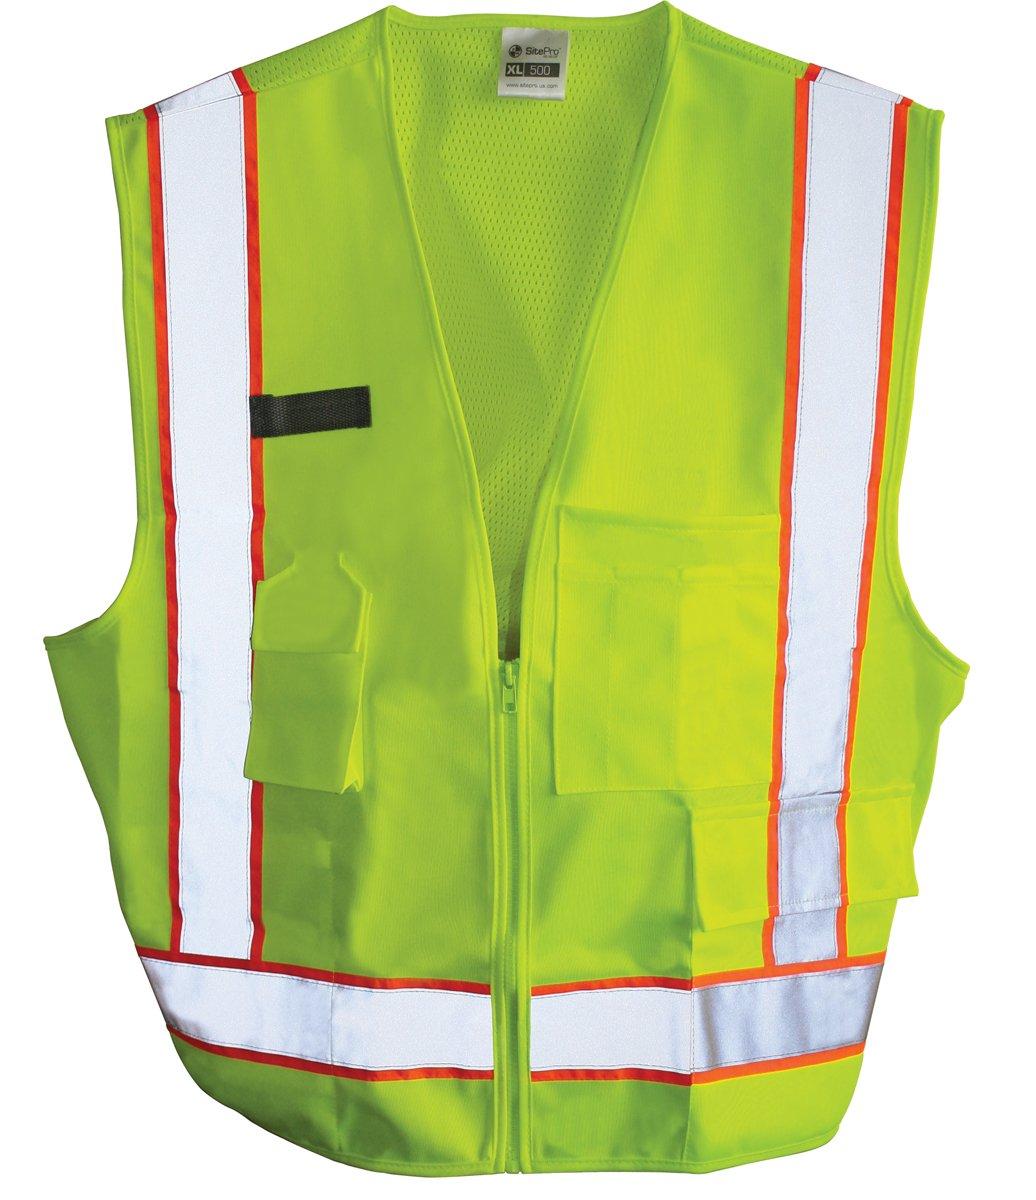 SitePro 23-500-L Class 2 Construction Safety Vest